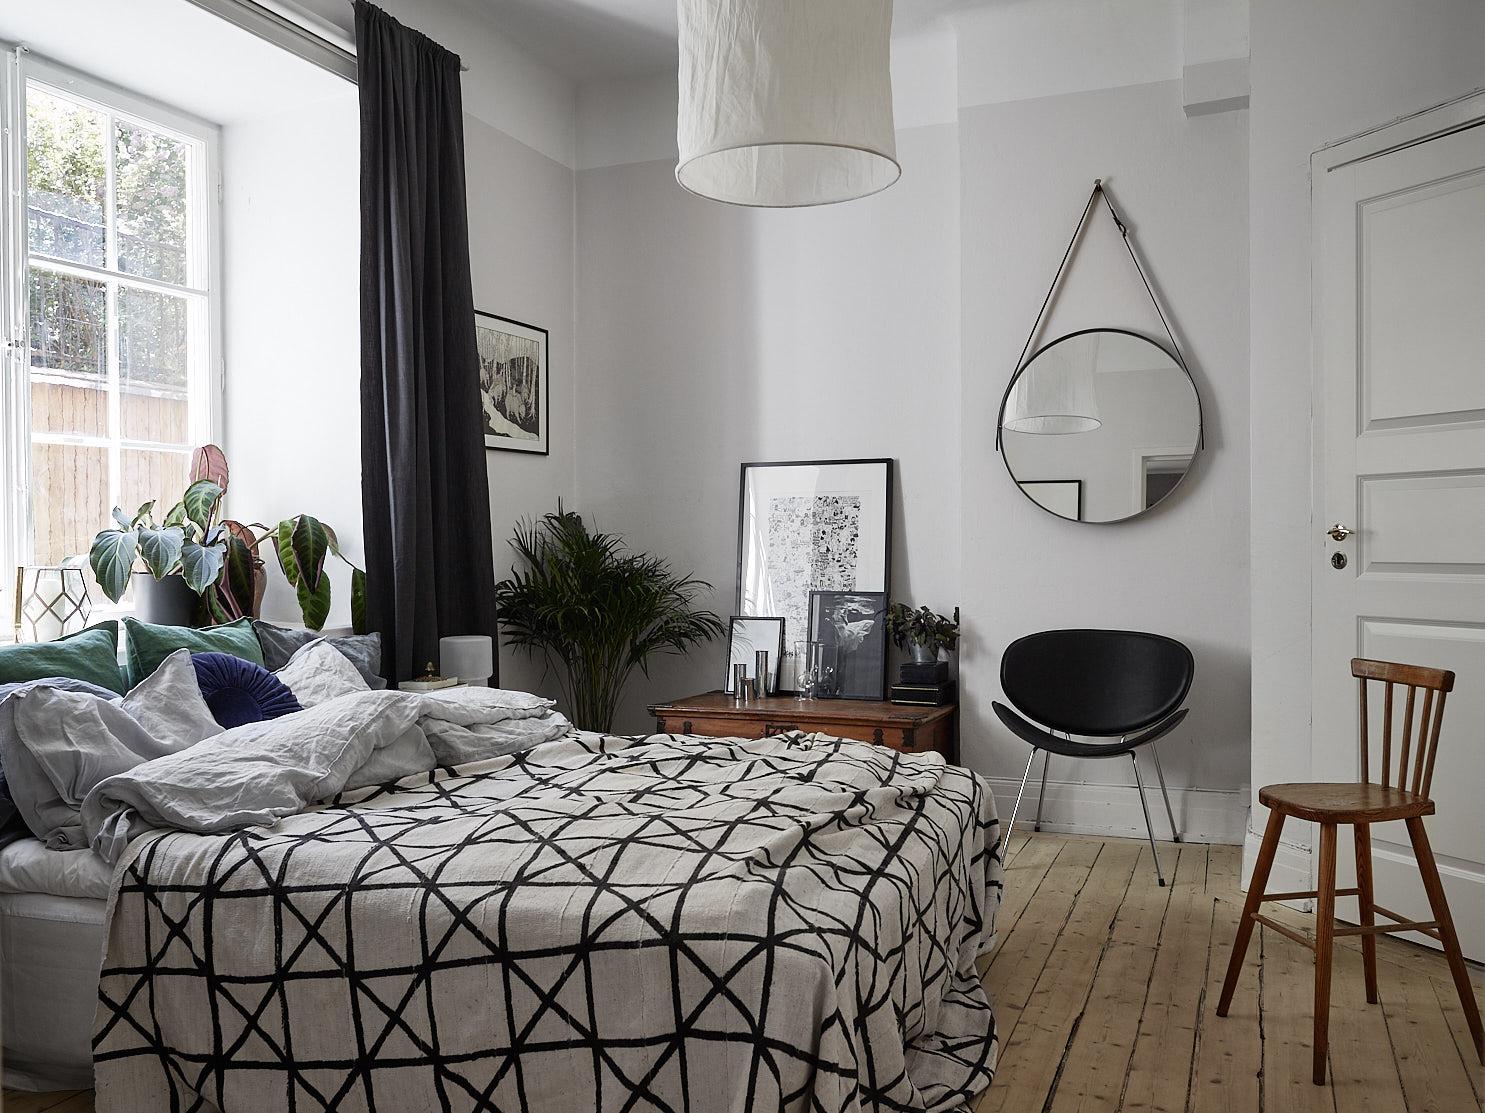 спальня кровать деревянный пол зеркало комод